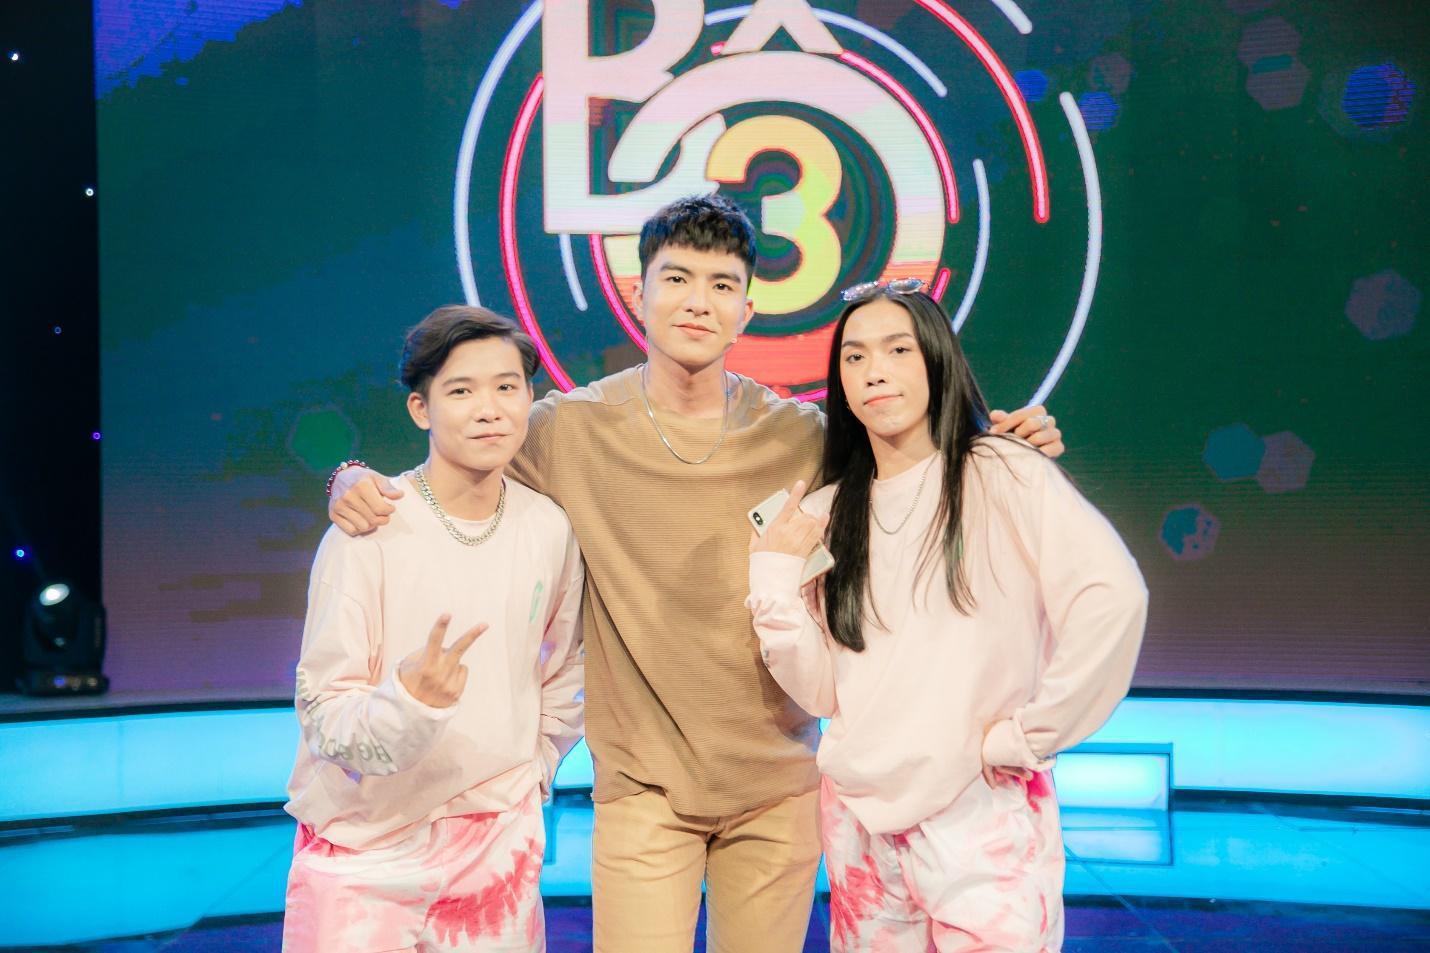 """Chơi ăn gian, Hải Triều bị Trịnh Thăng Bình """"dạy dỗ"""" ngay trên sóng truyền hình - Ảnh 3."""